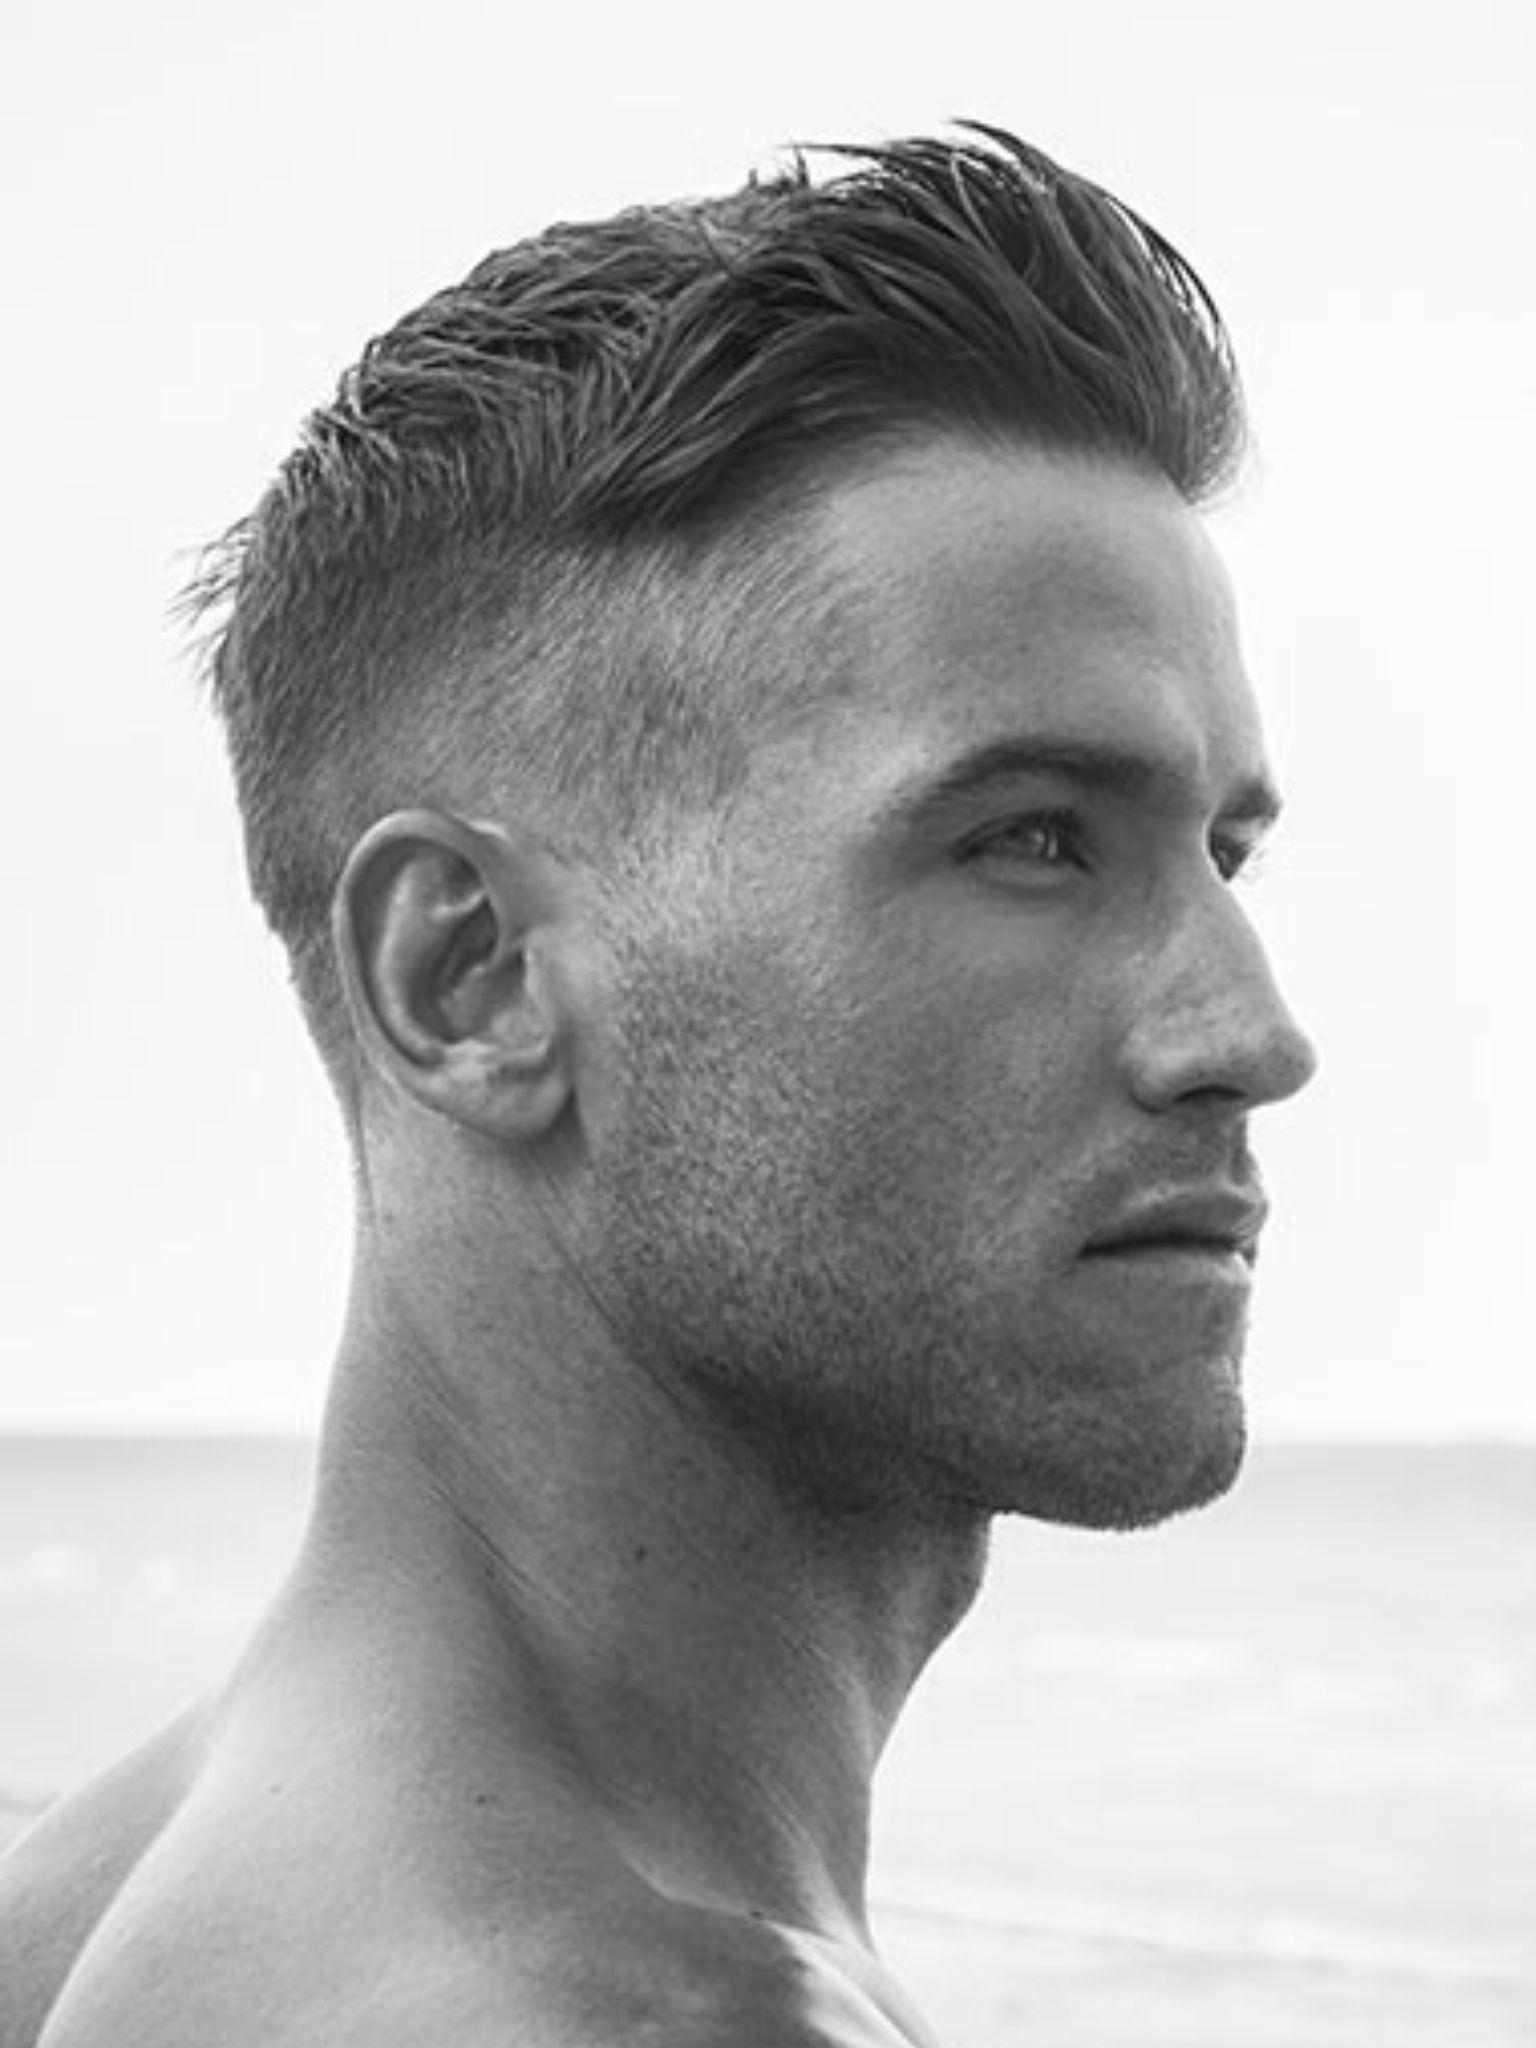 men haircut Männer Haarschnitt pure hairstyle wir schaffen